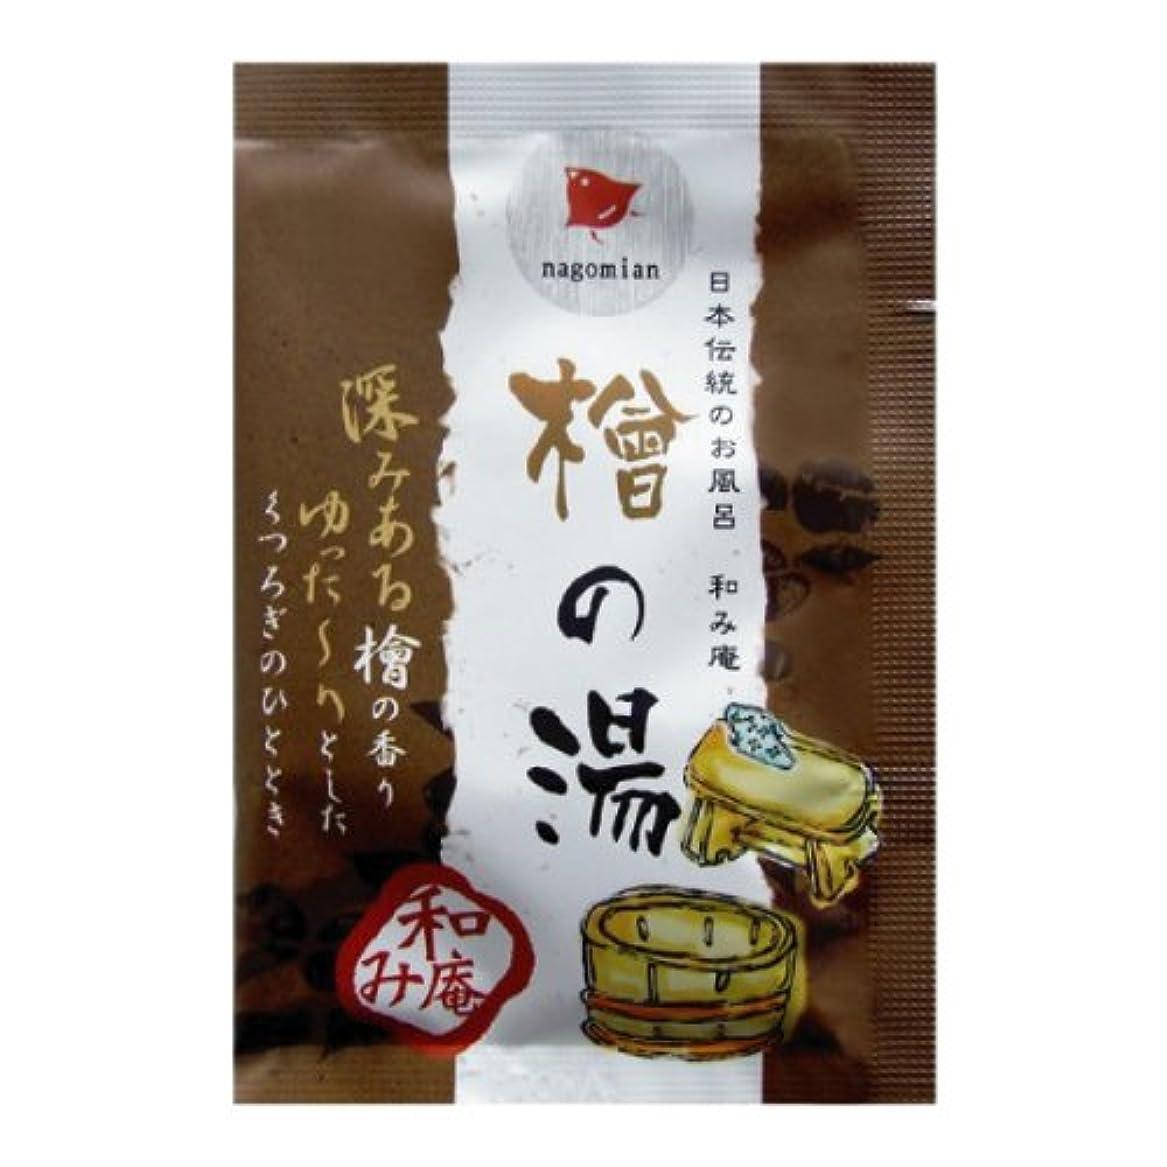 お願いします入射狂った日本伝統のお風呂 和み庵 檜の湯 200包